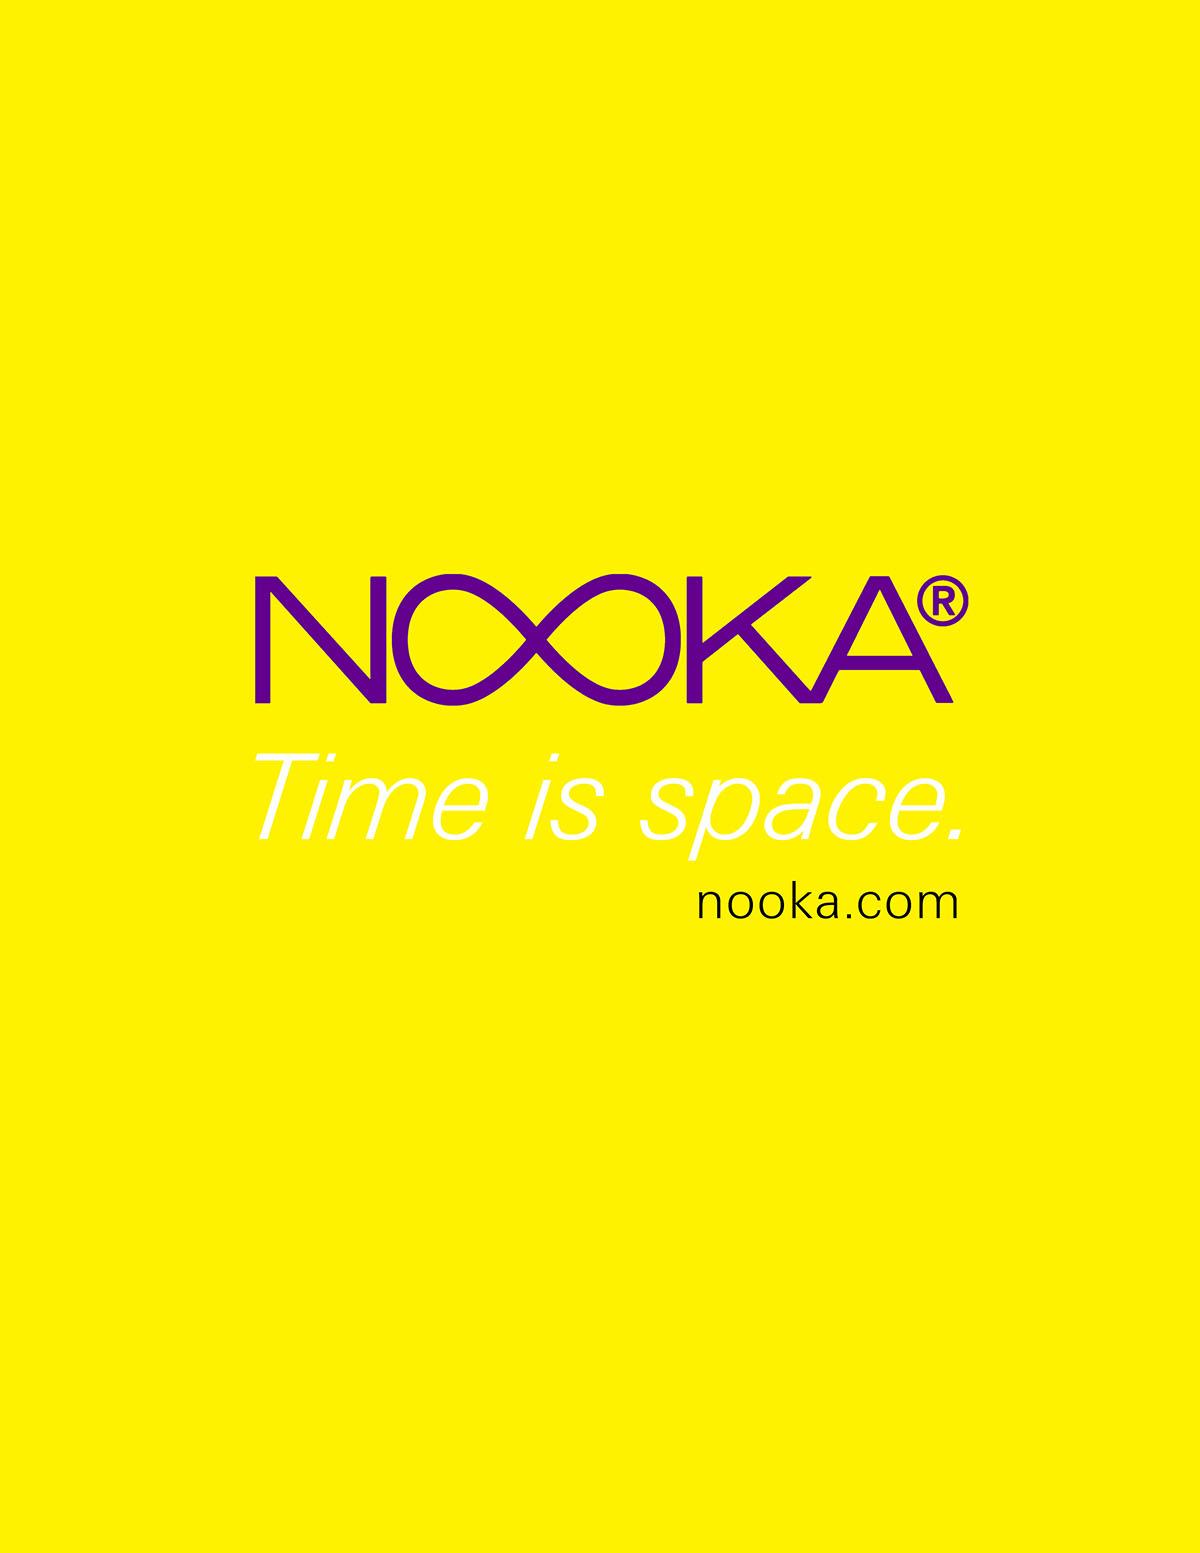 NOOKA_wild_post6.jpg